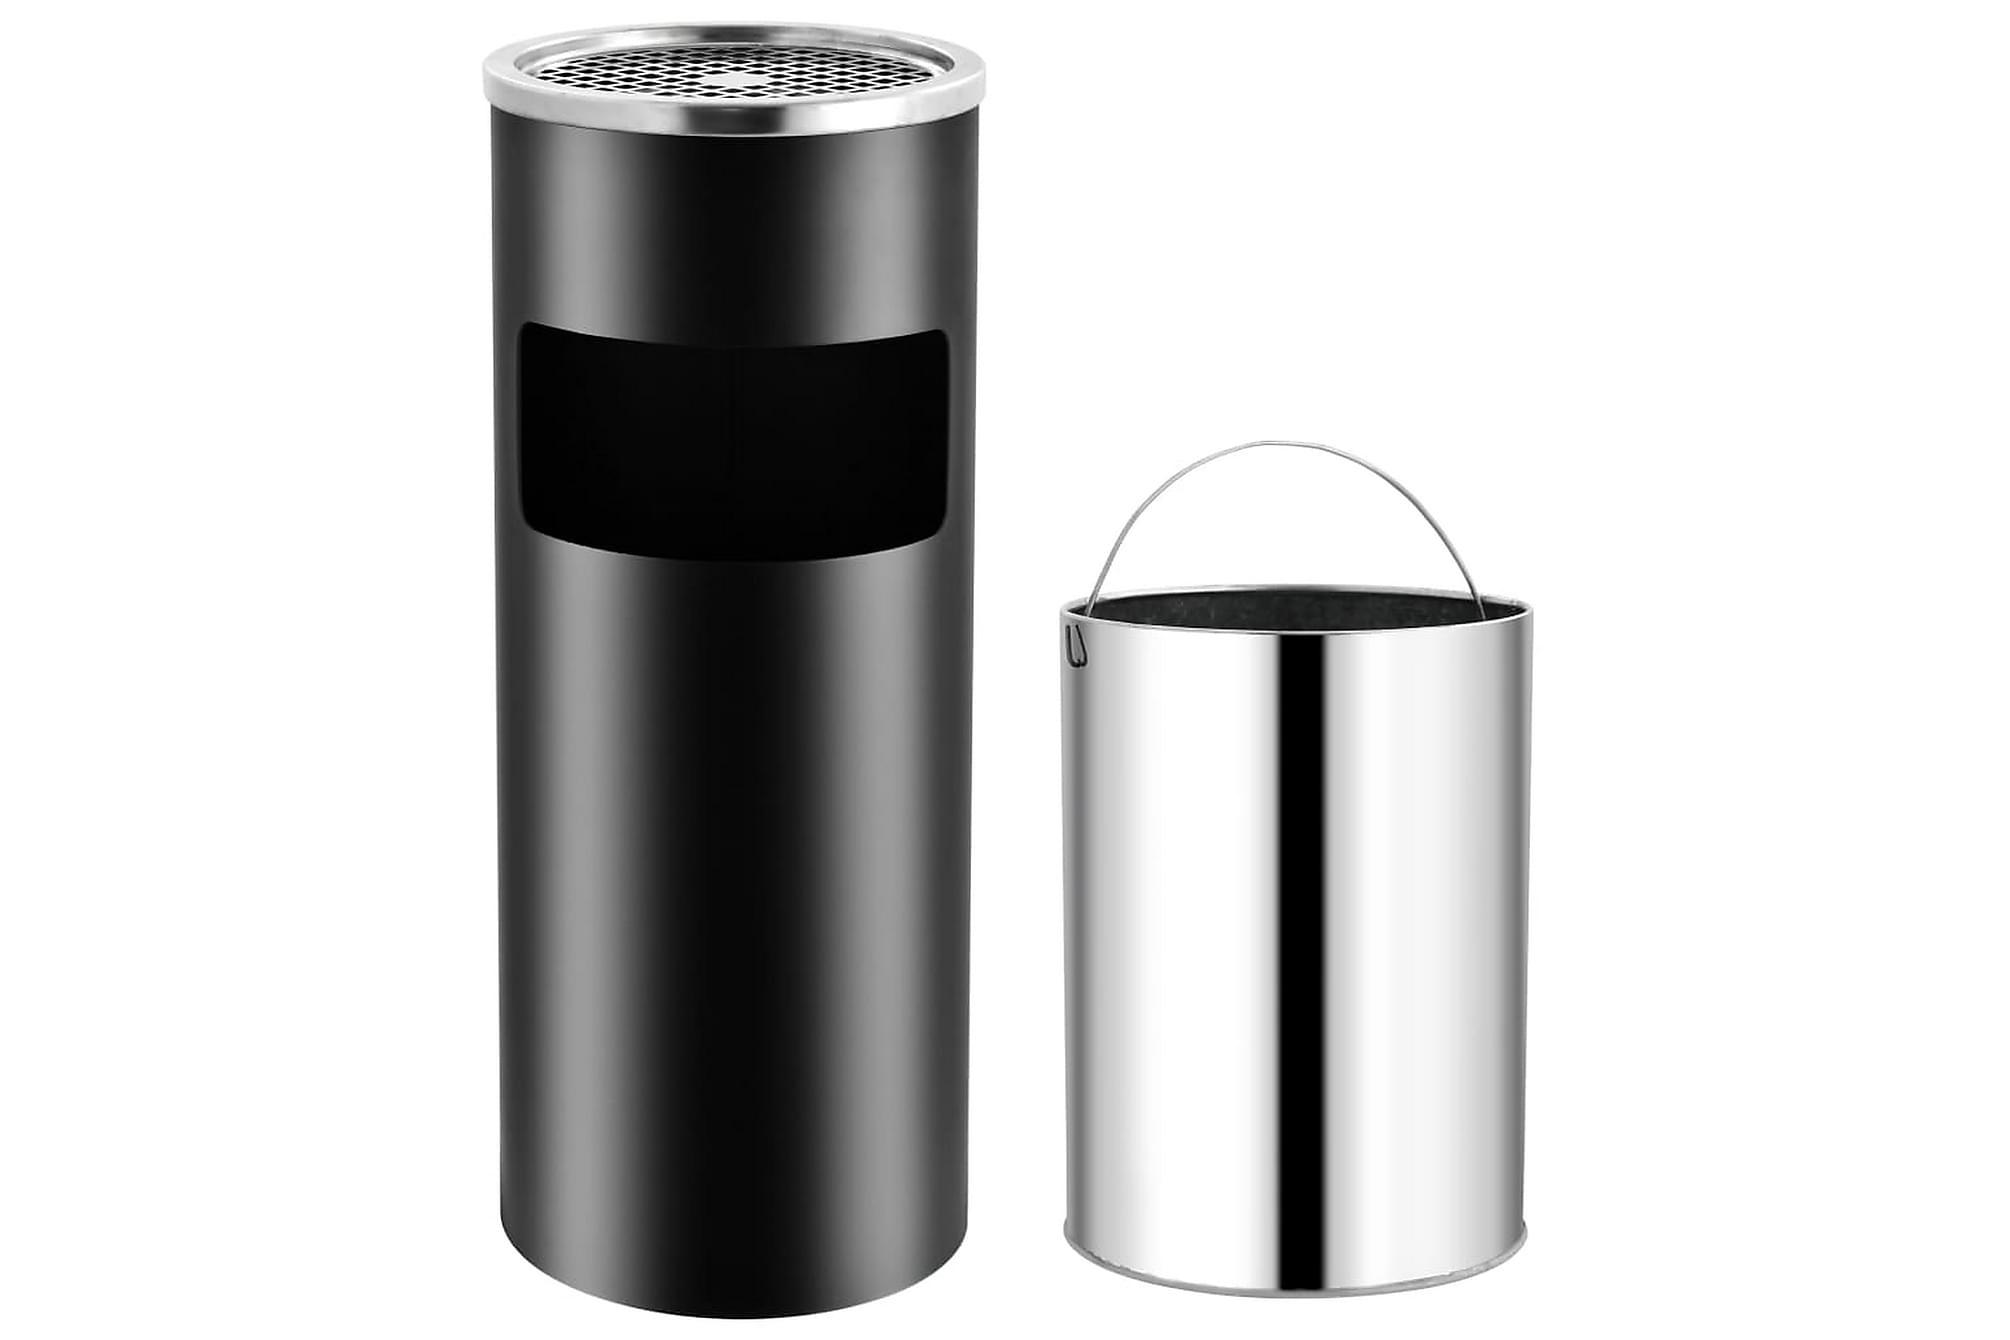 Askfat/soptunna 30 L stål svart, Badrumstillbehör